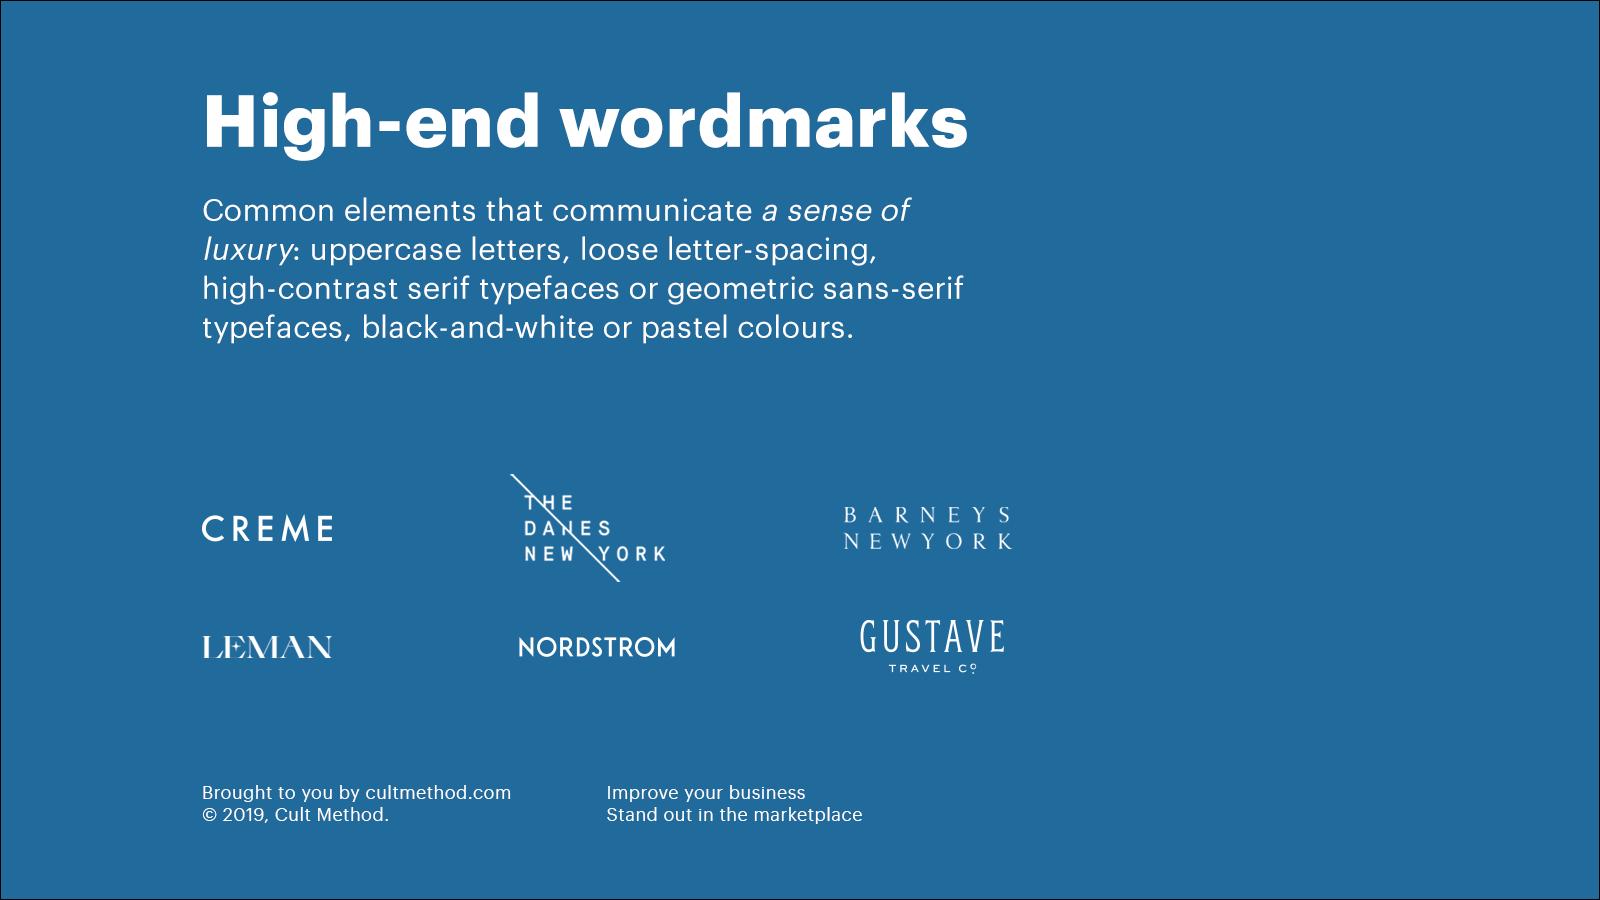 High-end wordmark logos